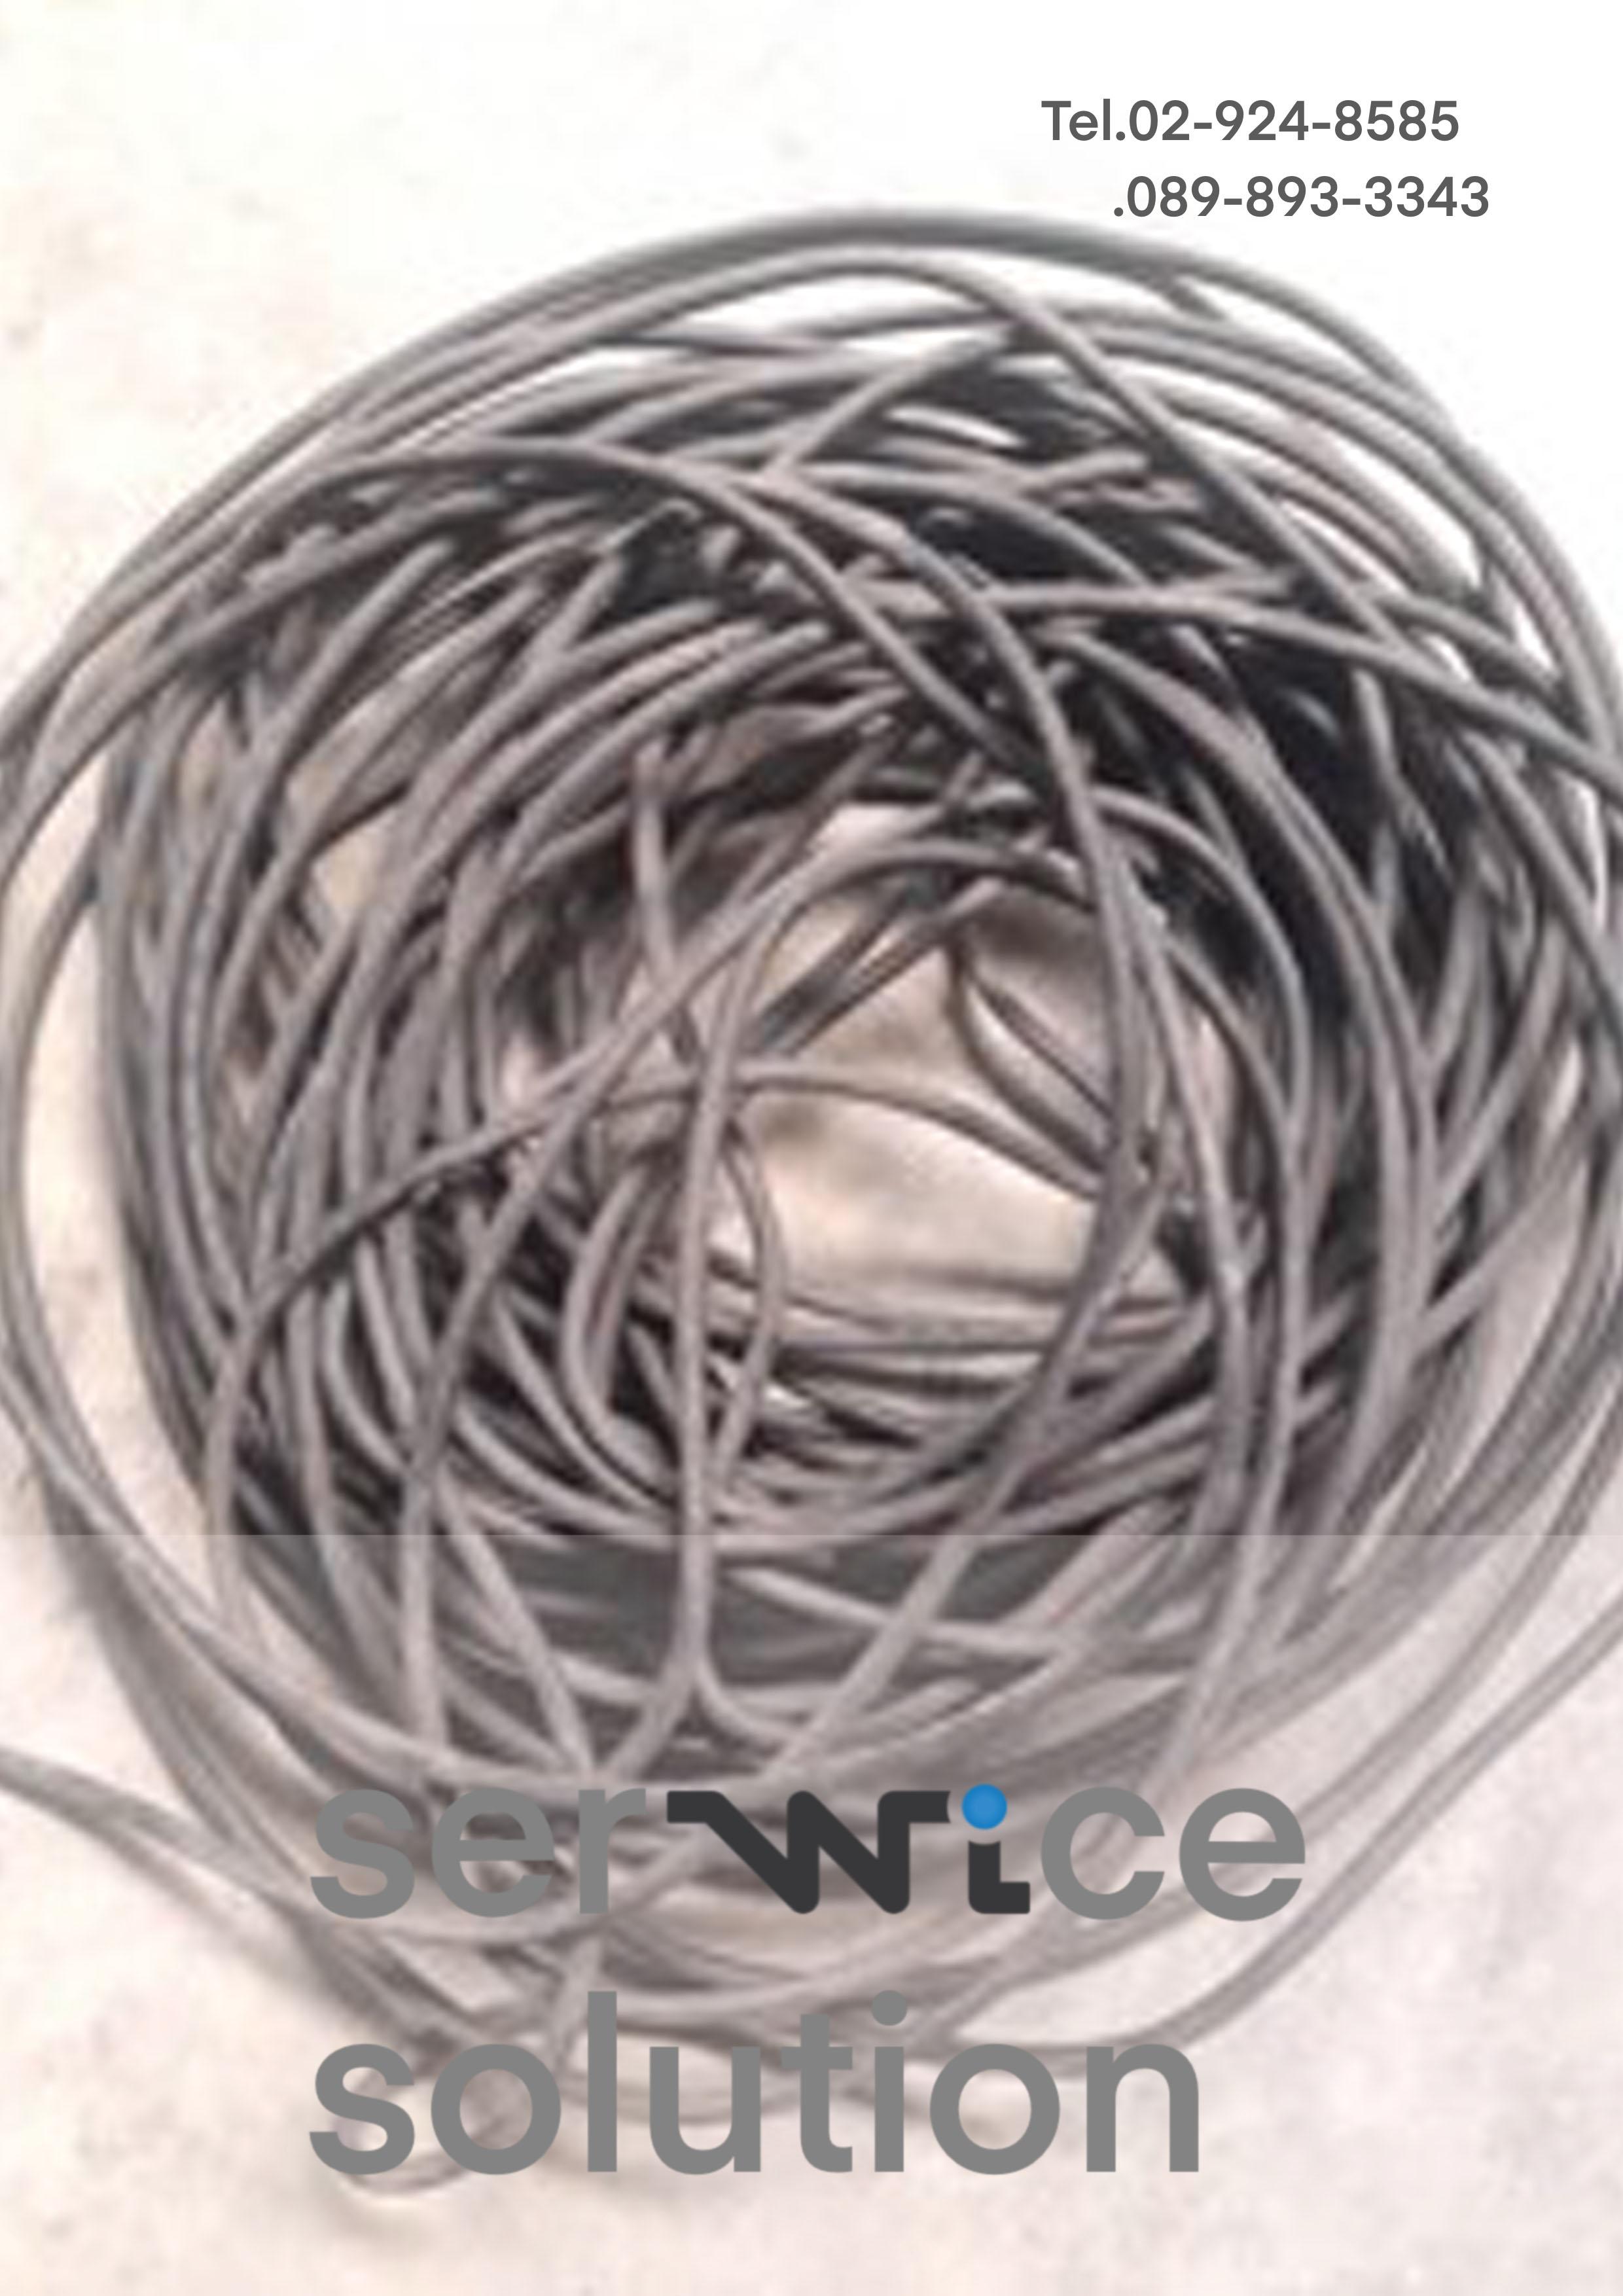 60227 IEC 01 (THW)  1X6 SQ.MM. สีดำ [60227 IEC 01 (THW)]